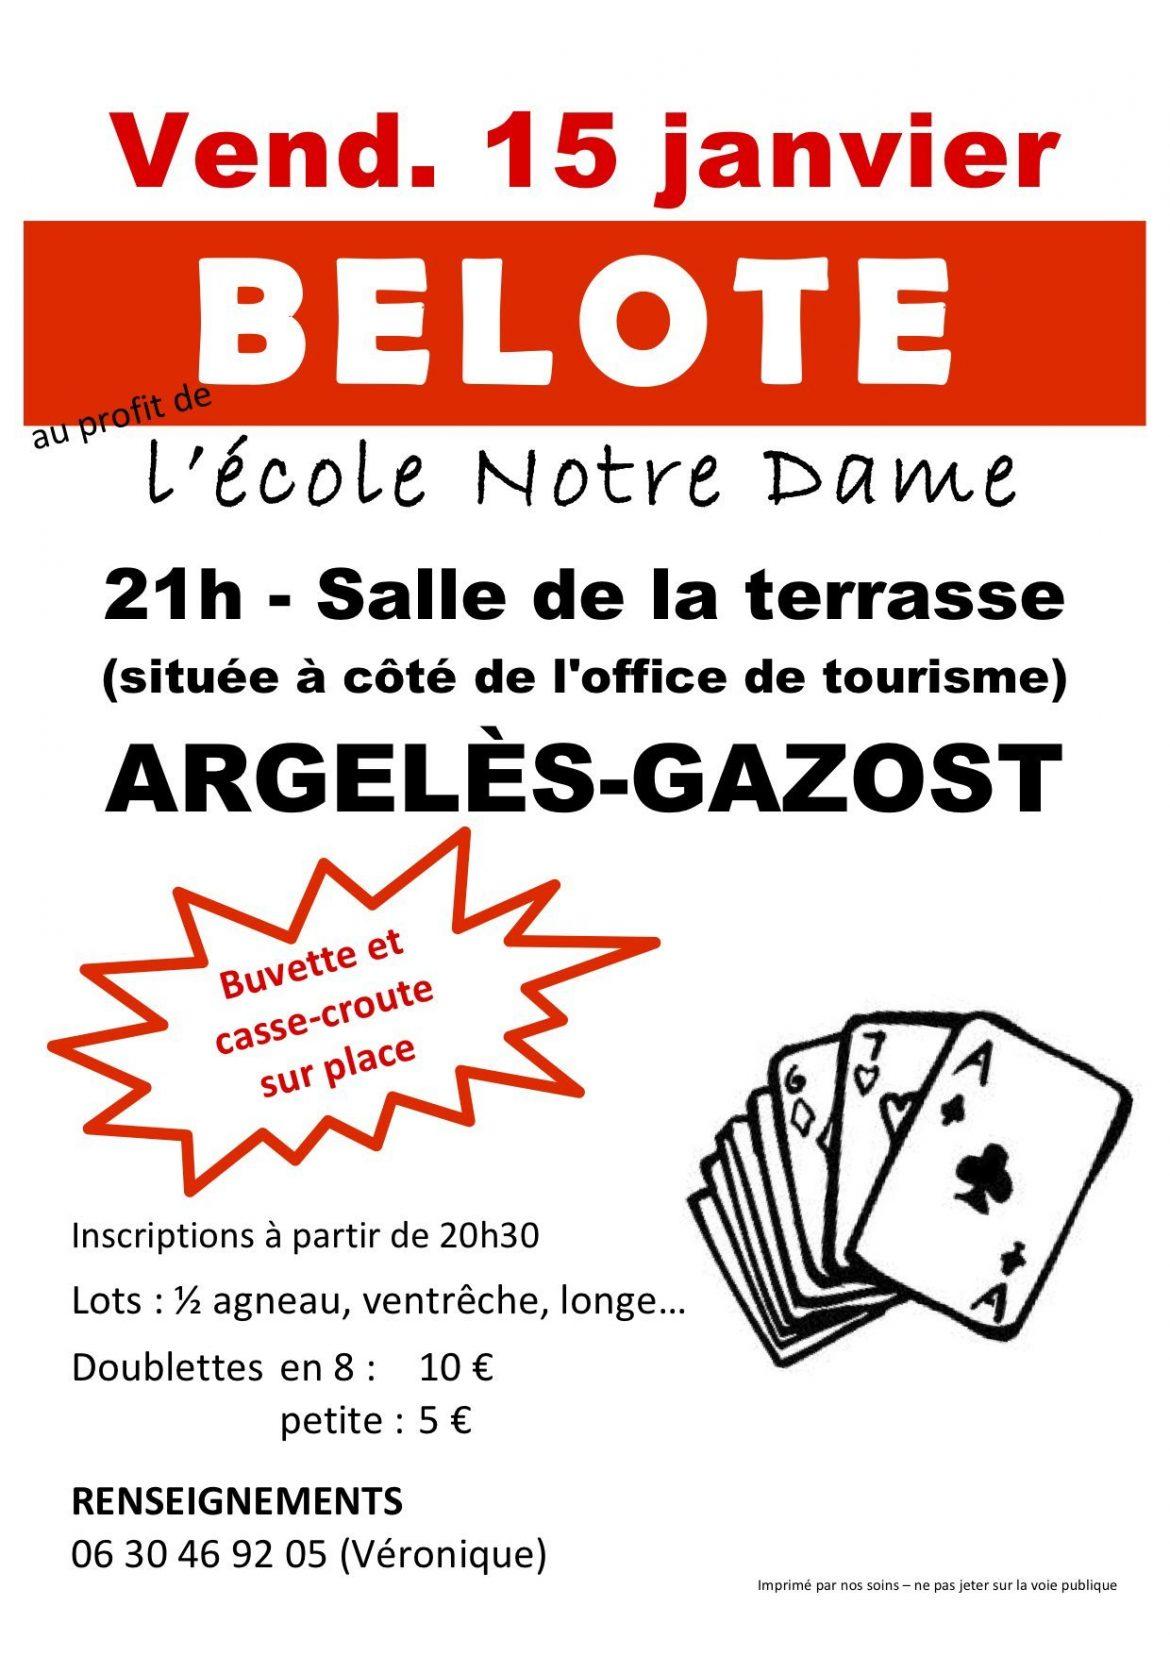 Tournoi de belote le 15 janvier 2015 à Argelès-Gazost